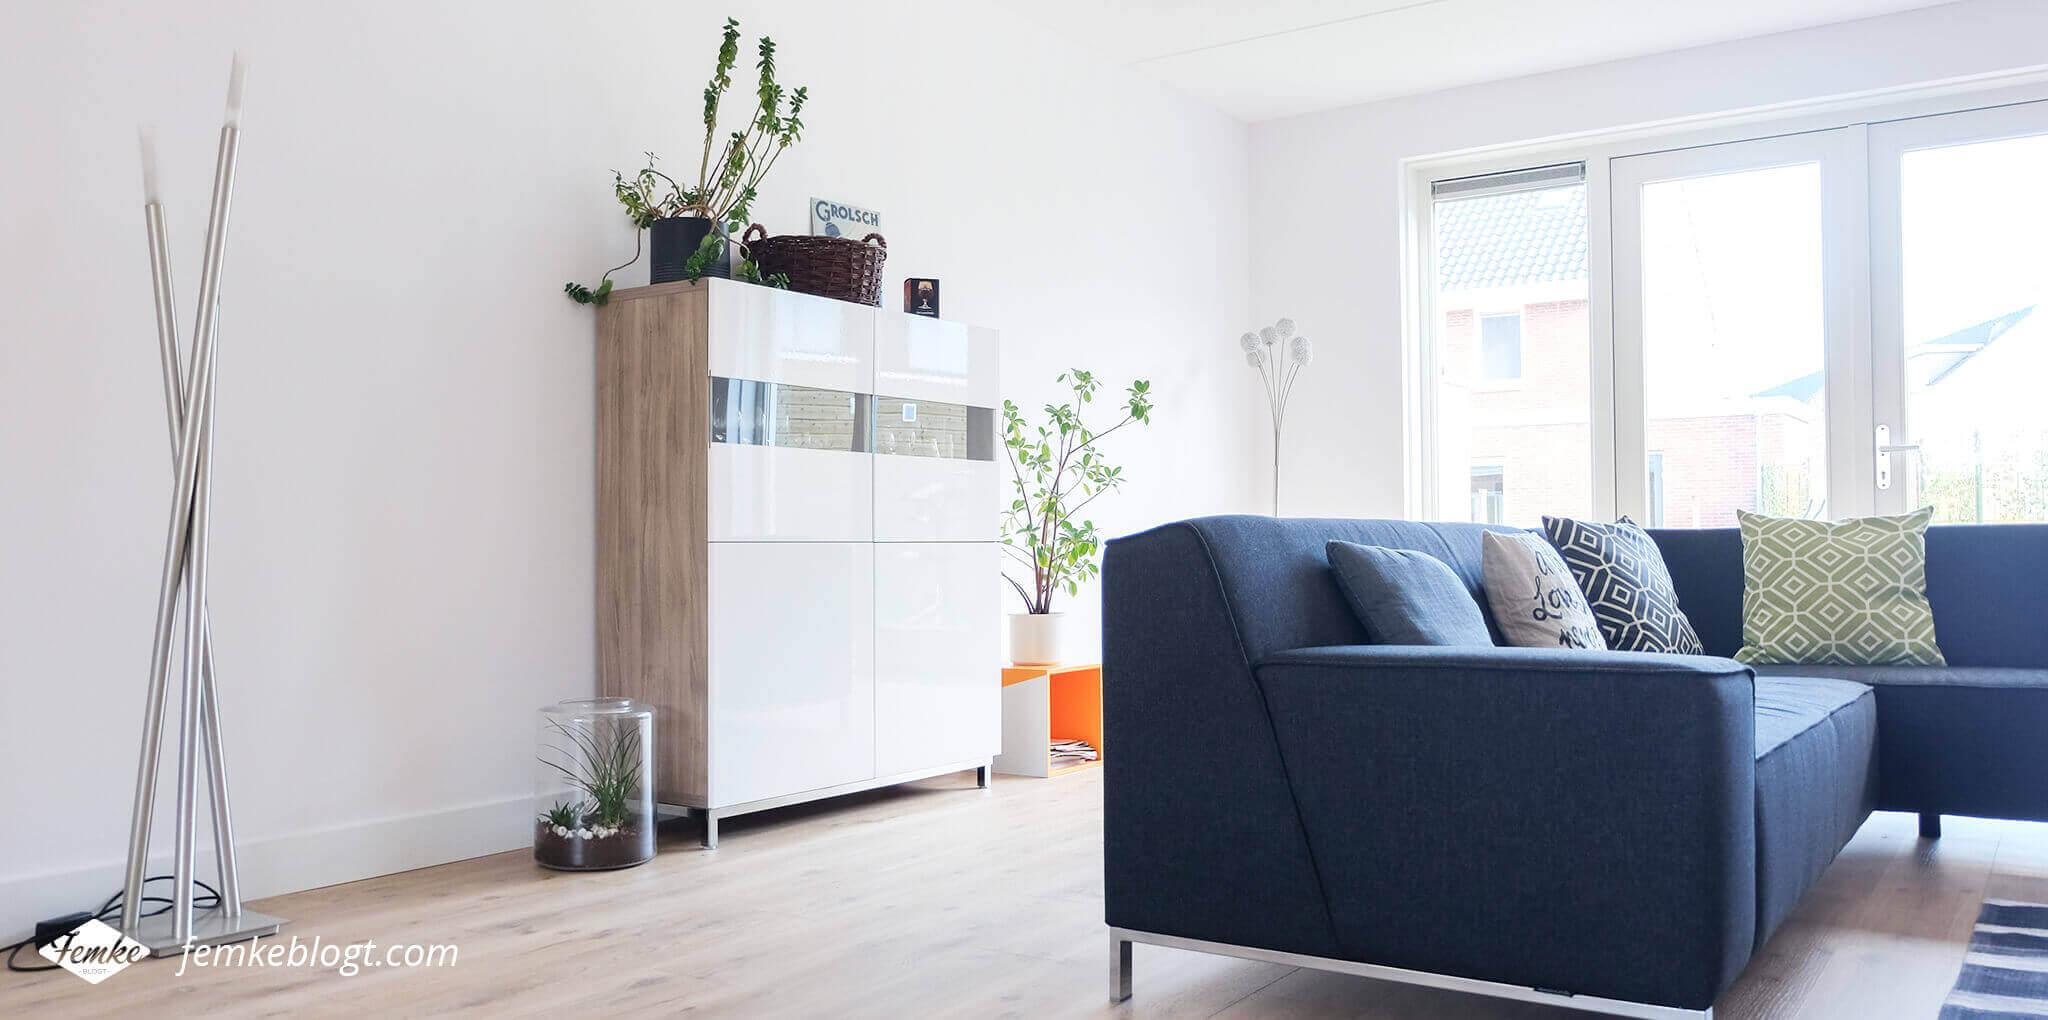 Onze woonkamer wensen | Ik vertel je alles over hoe ons huis er nu uitziet en hoe we onze woonkamer graag willen inrichten